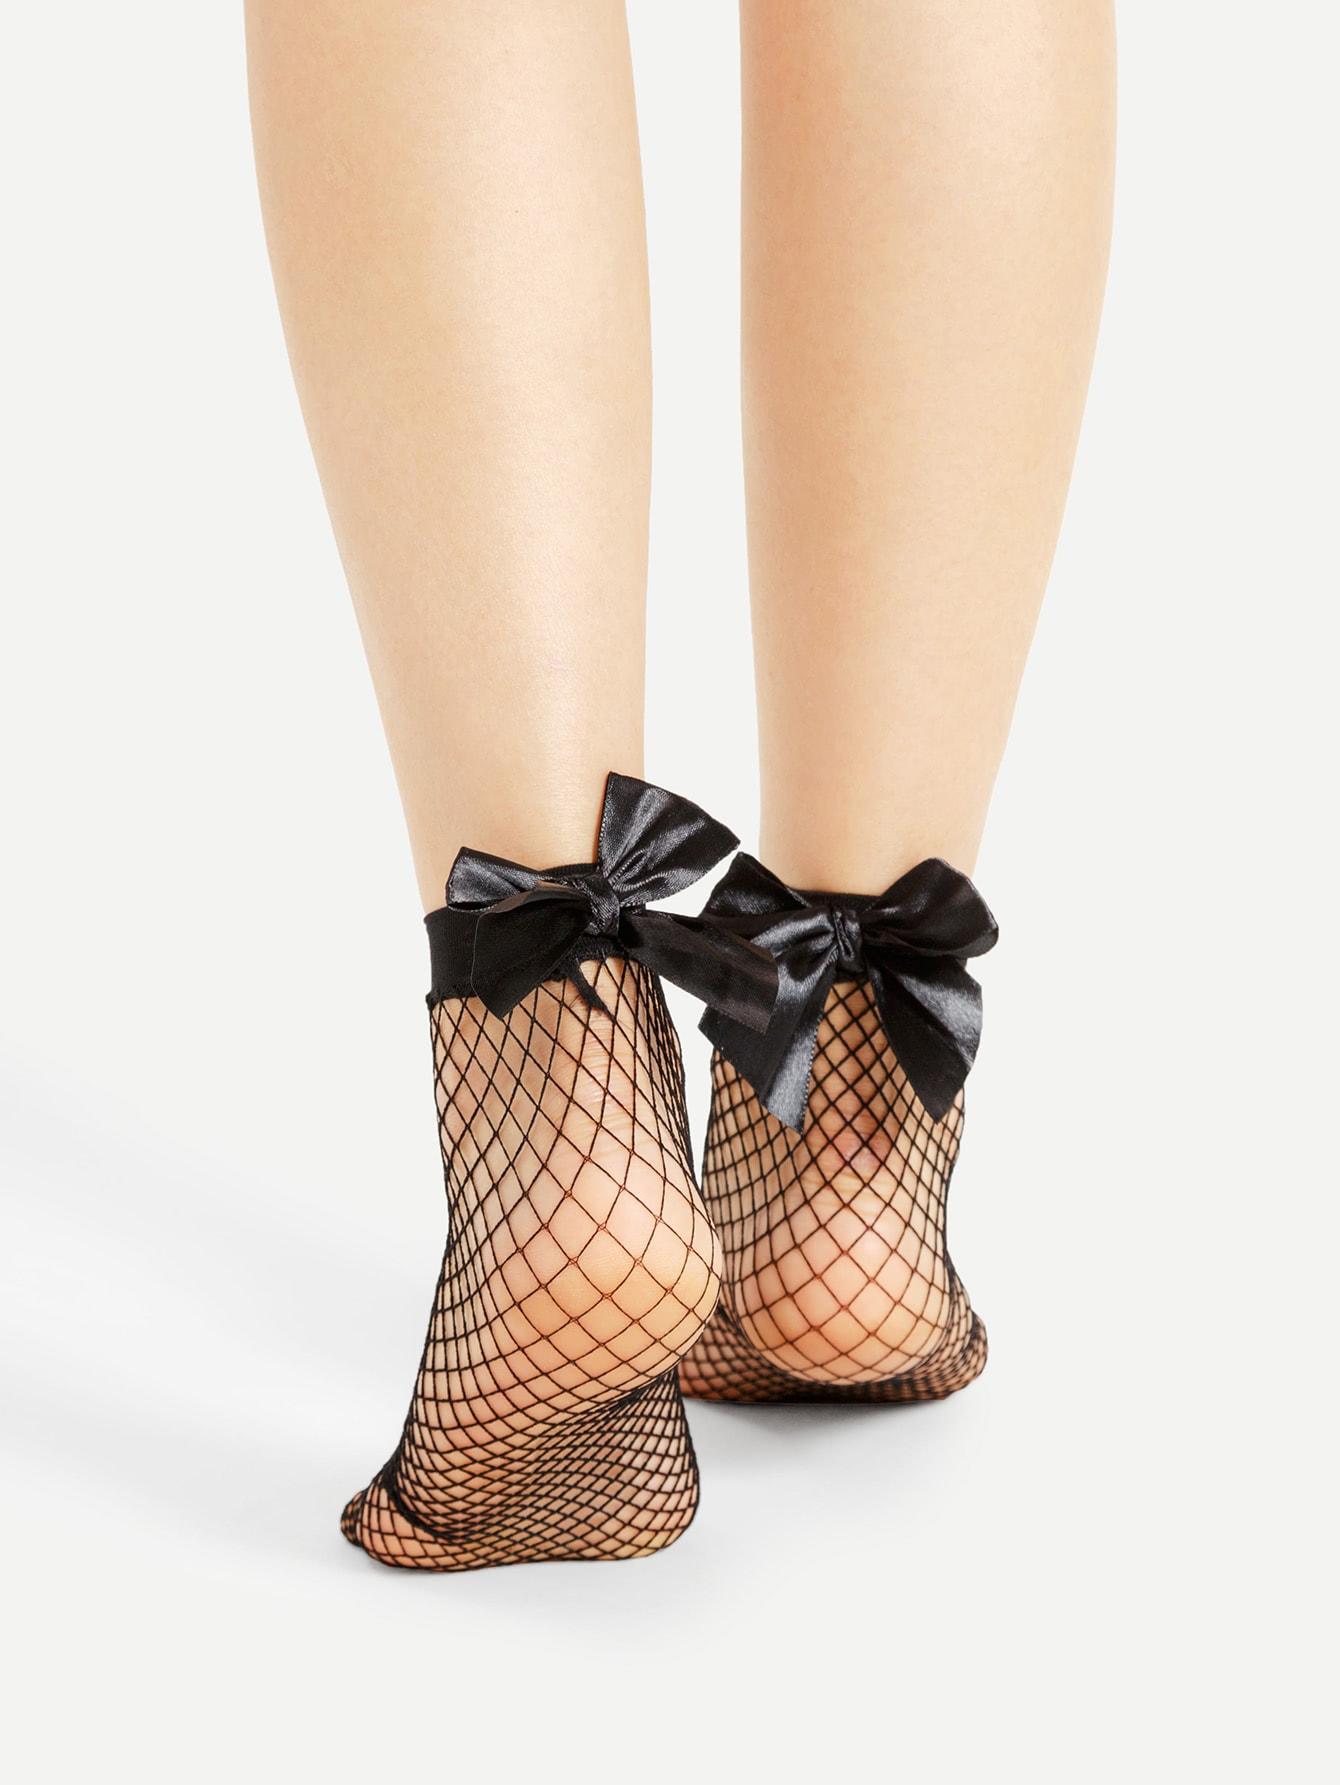 Bow Tie Back Fishnet Socks